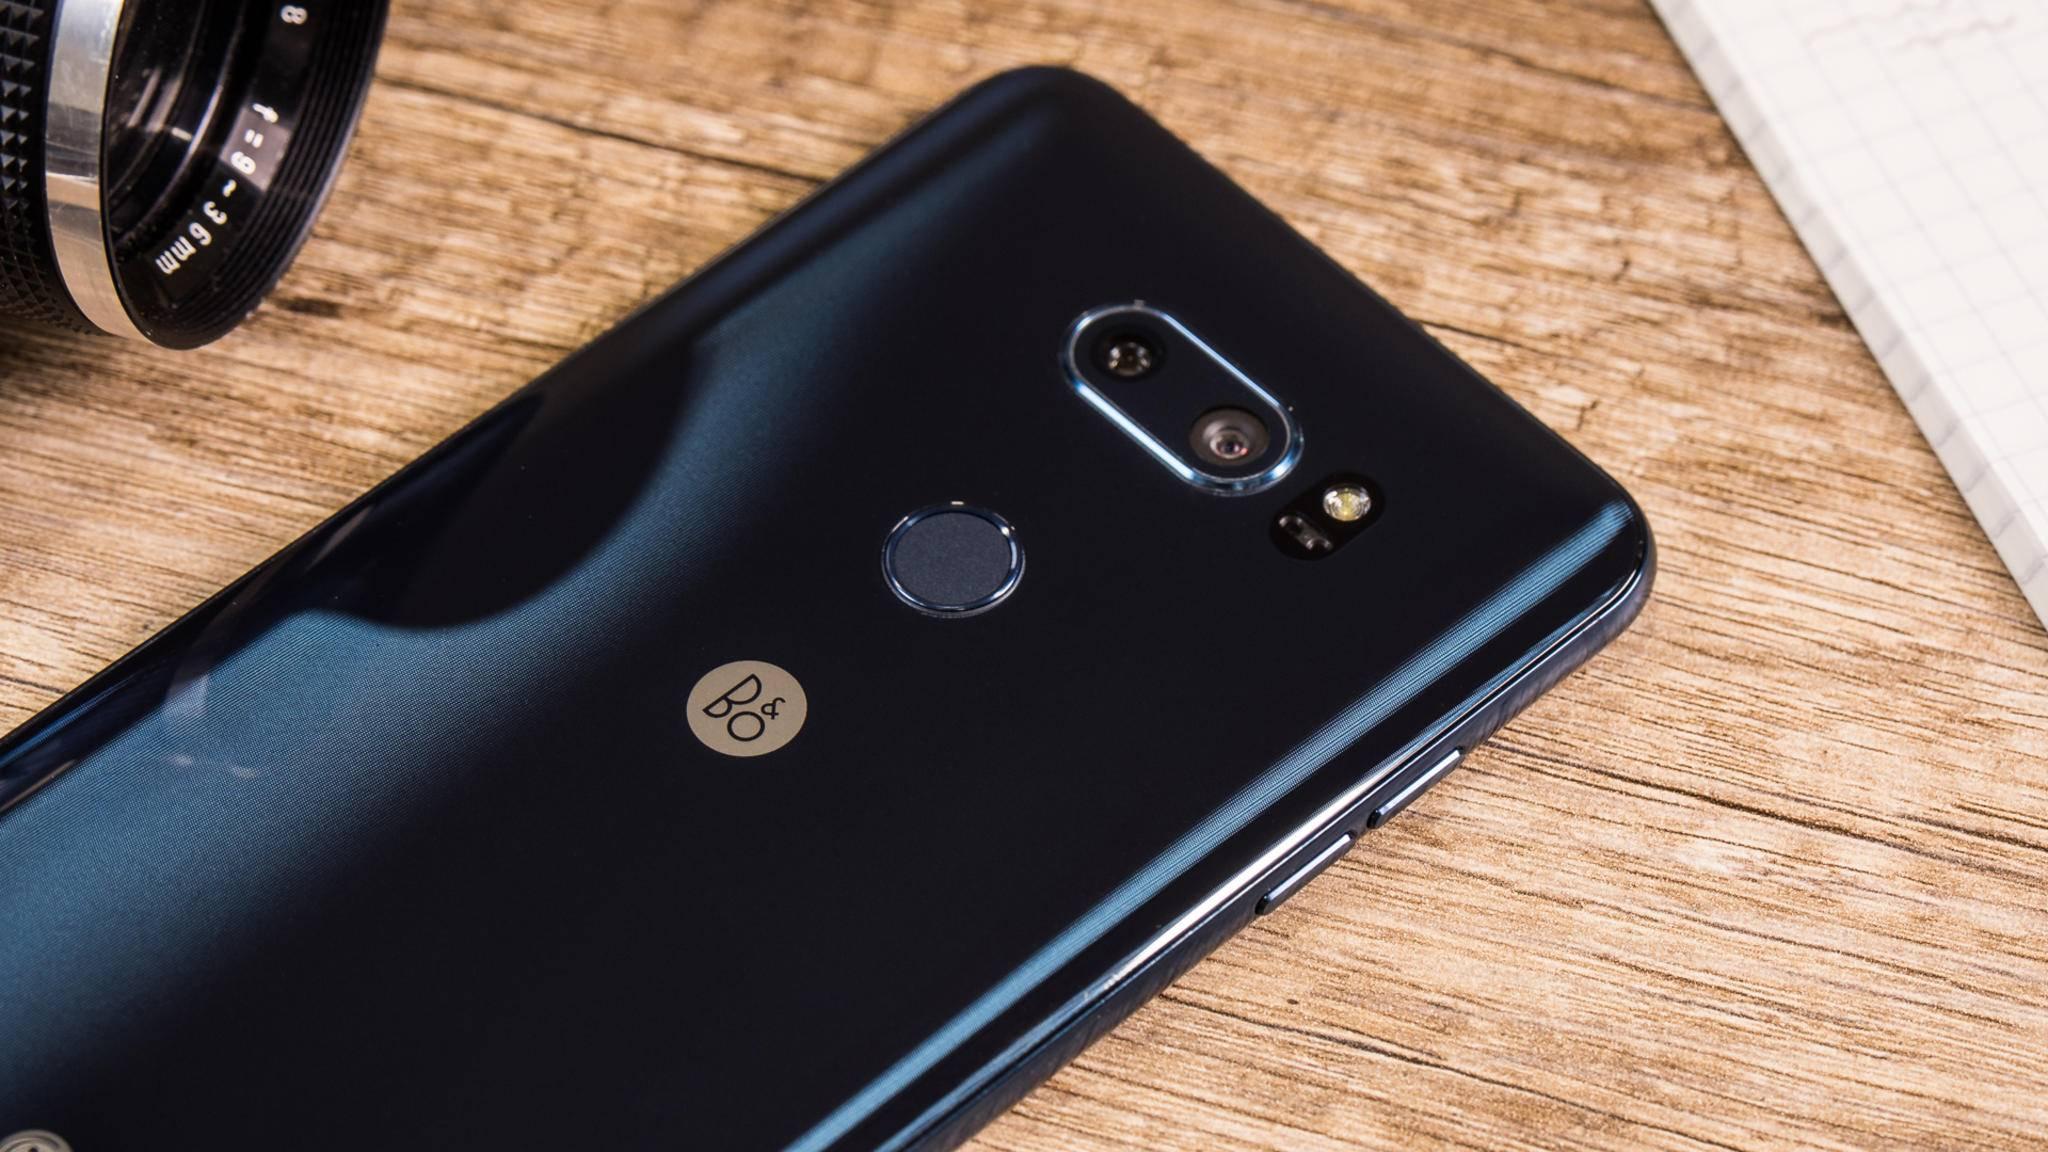 Das LG V30 ist ein technisch gelungenes High-End-Smartphone, aber der Preis hat es in sich.